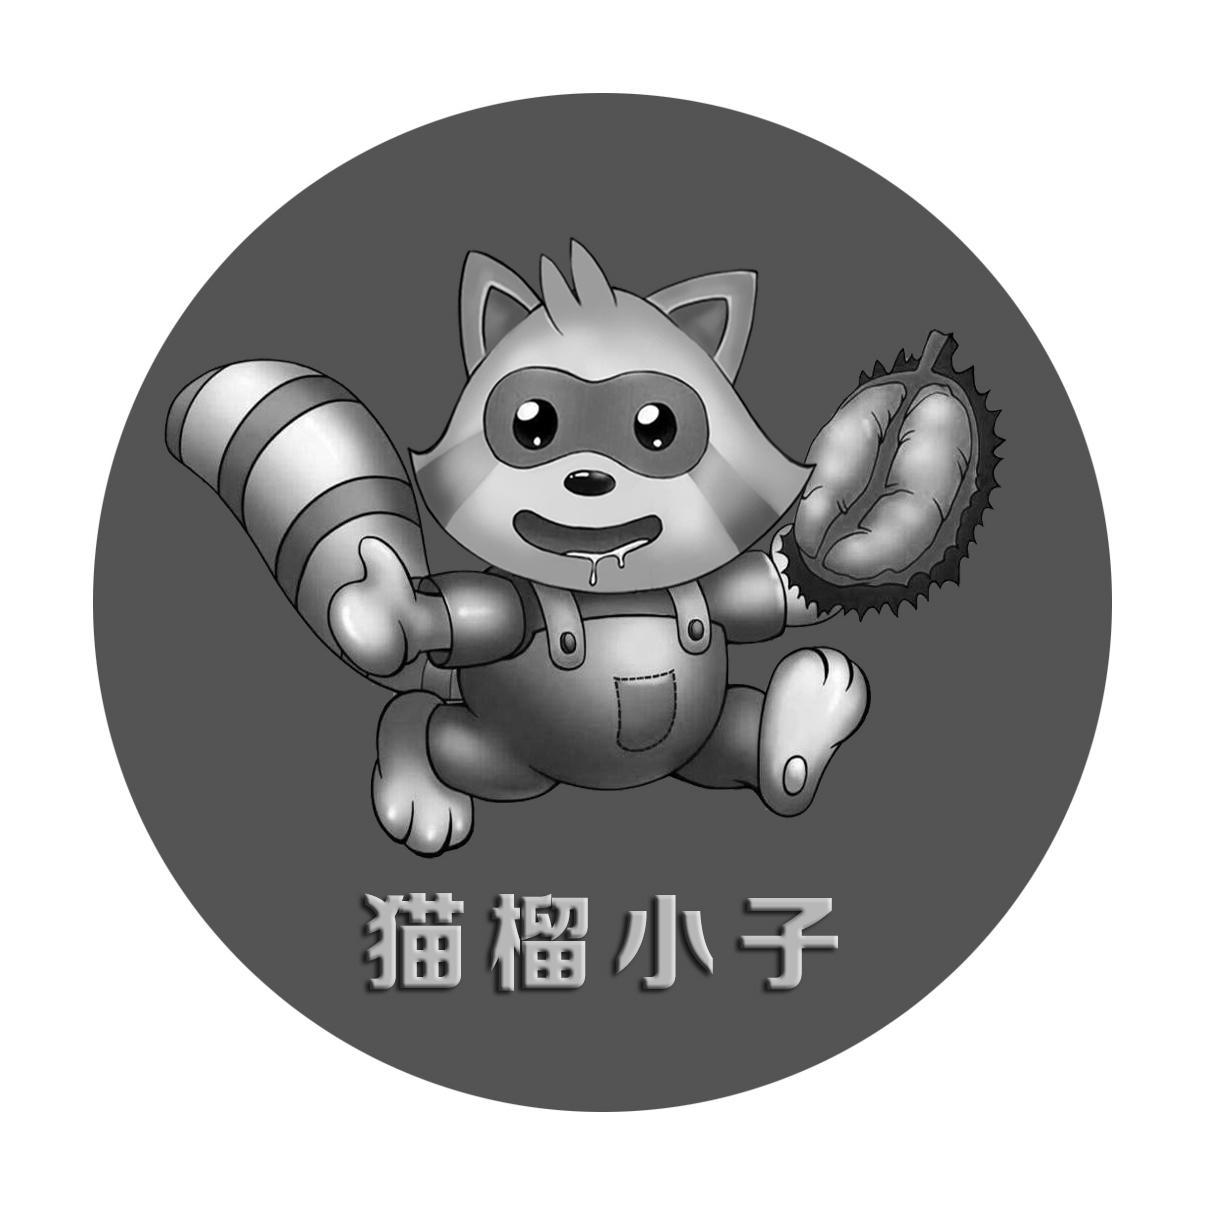 转让外围滚球软件365_365滚球网站下载_365滚球 已经1比0 让球-猫榴小子